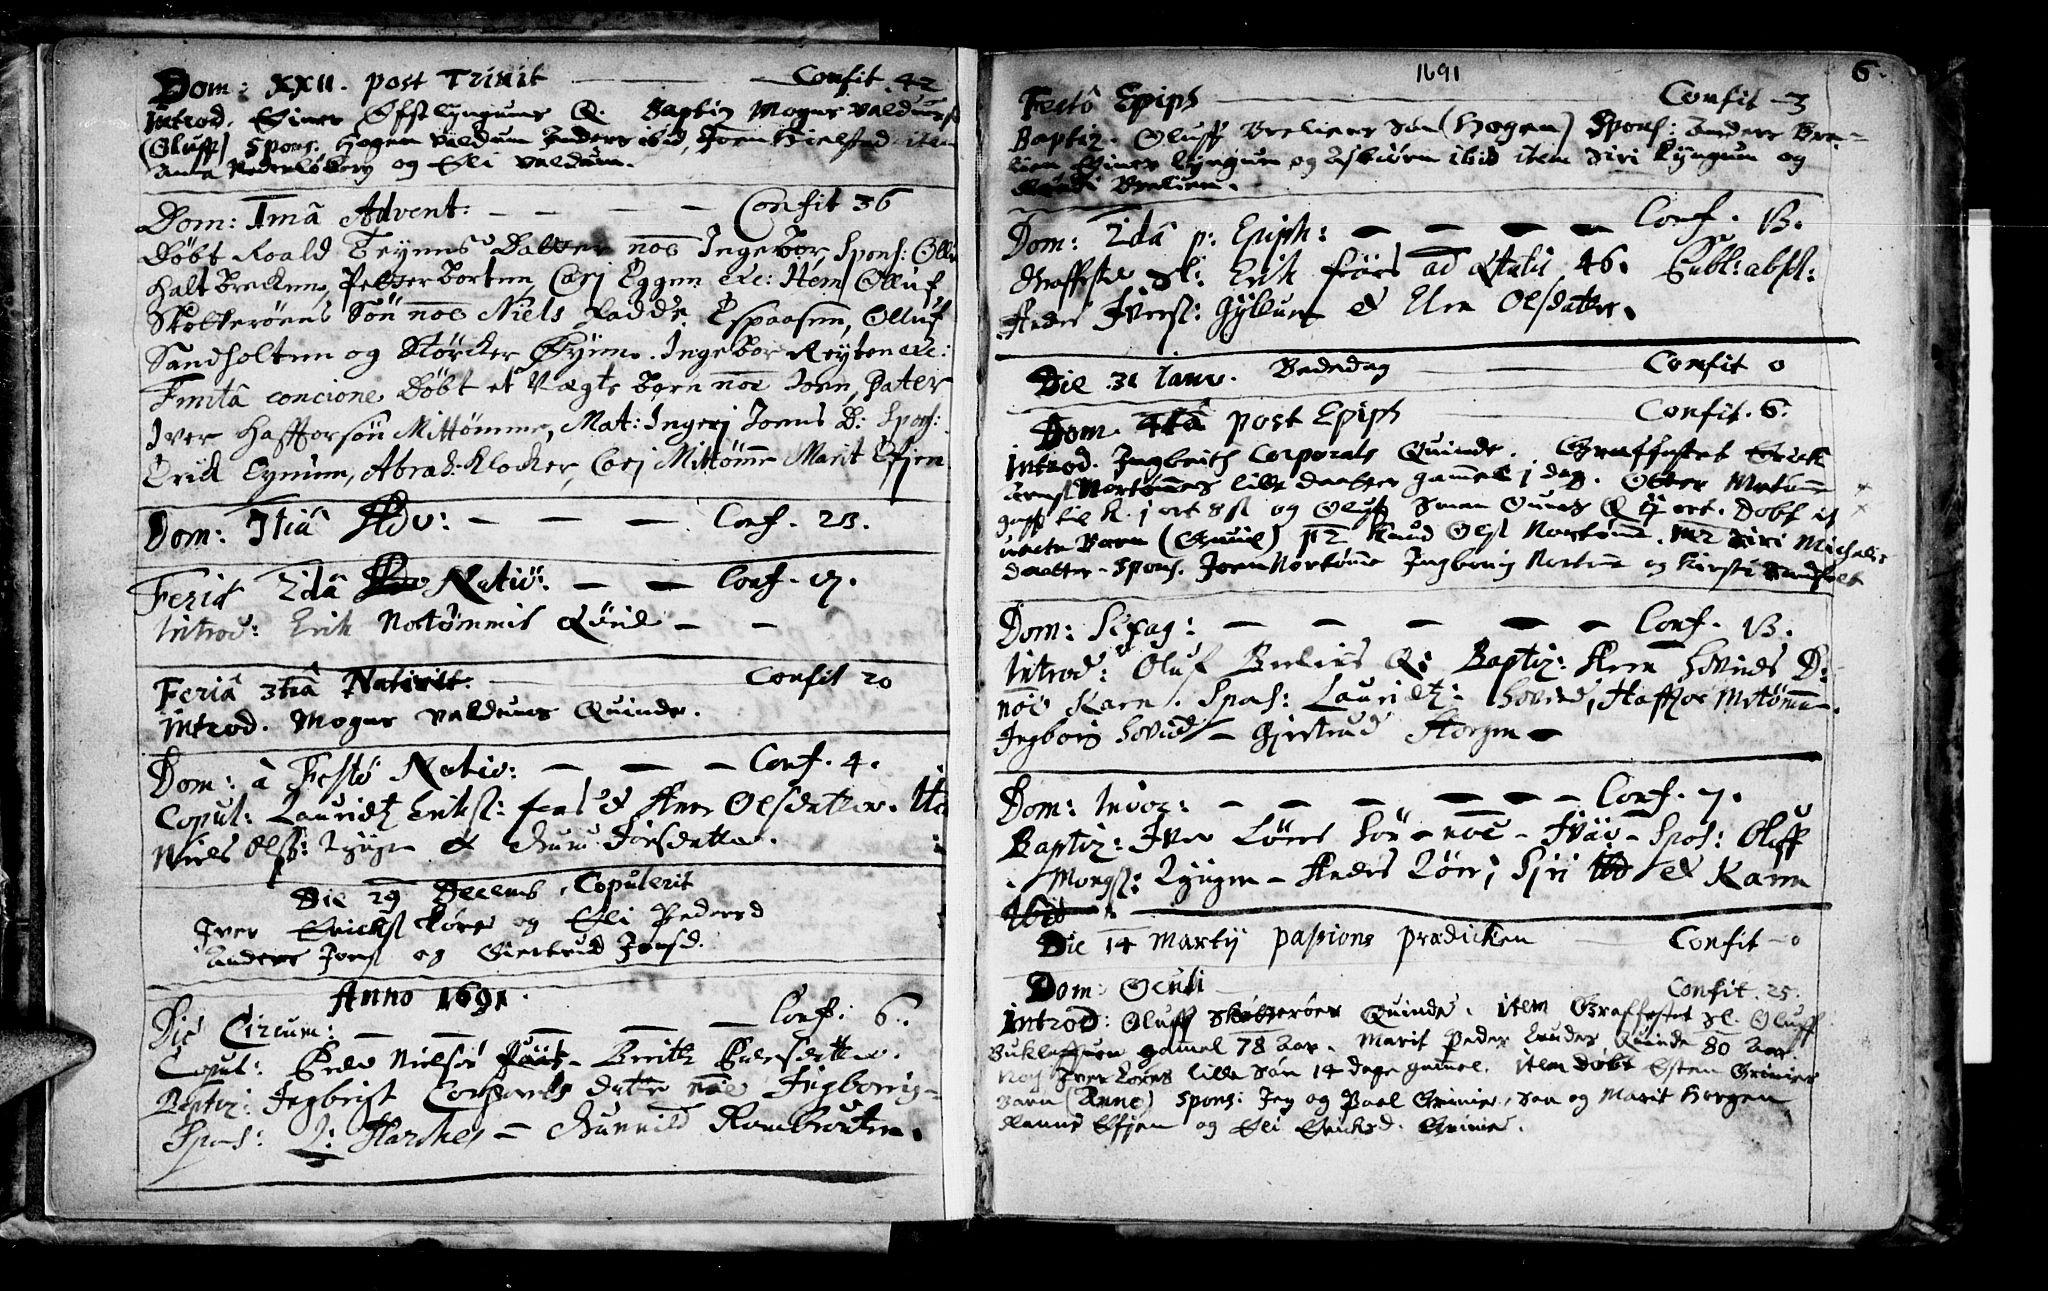 SAT, Ministerialprotokoller, klokkerbøker og fødselsregistre - Sør-Trøndelag, 692/L1101: Ministerialbok nr. 692A01, 1690-1746, s. 6